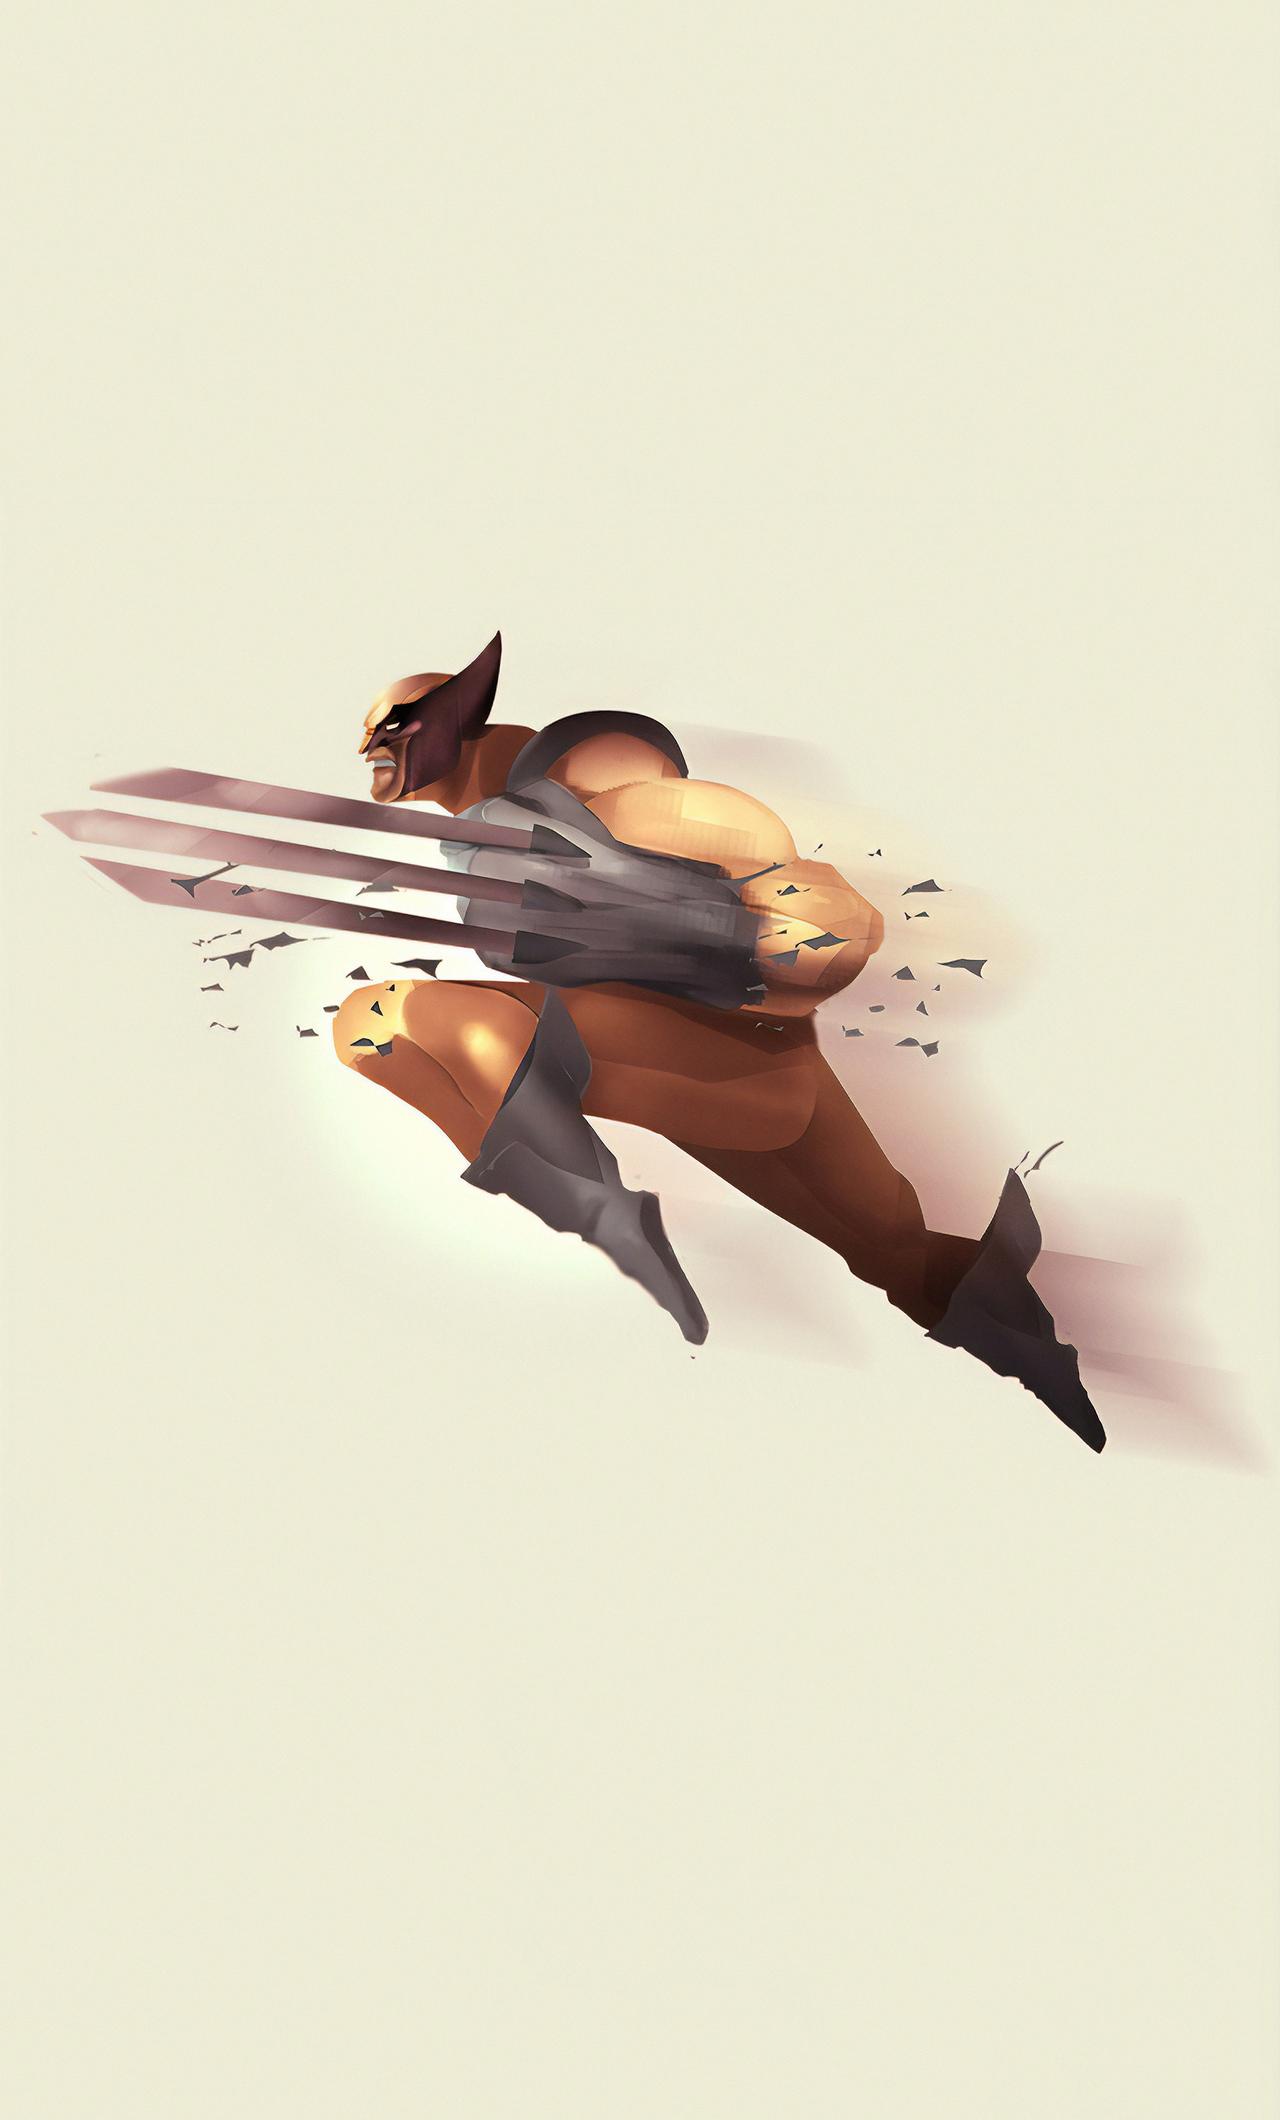 wolverine-4k-arts-q3.jpg